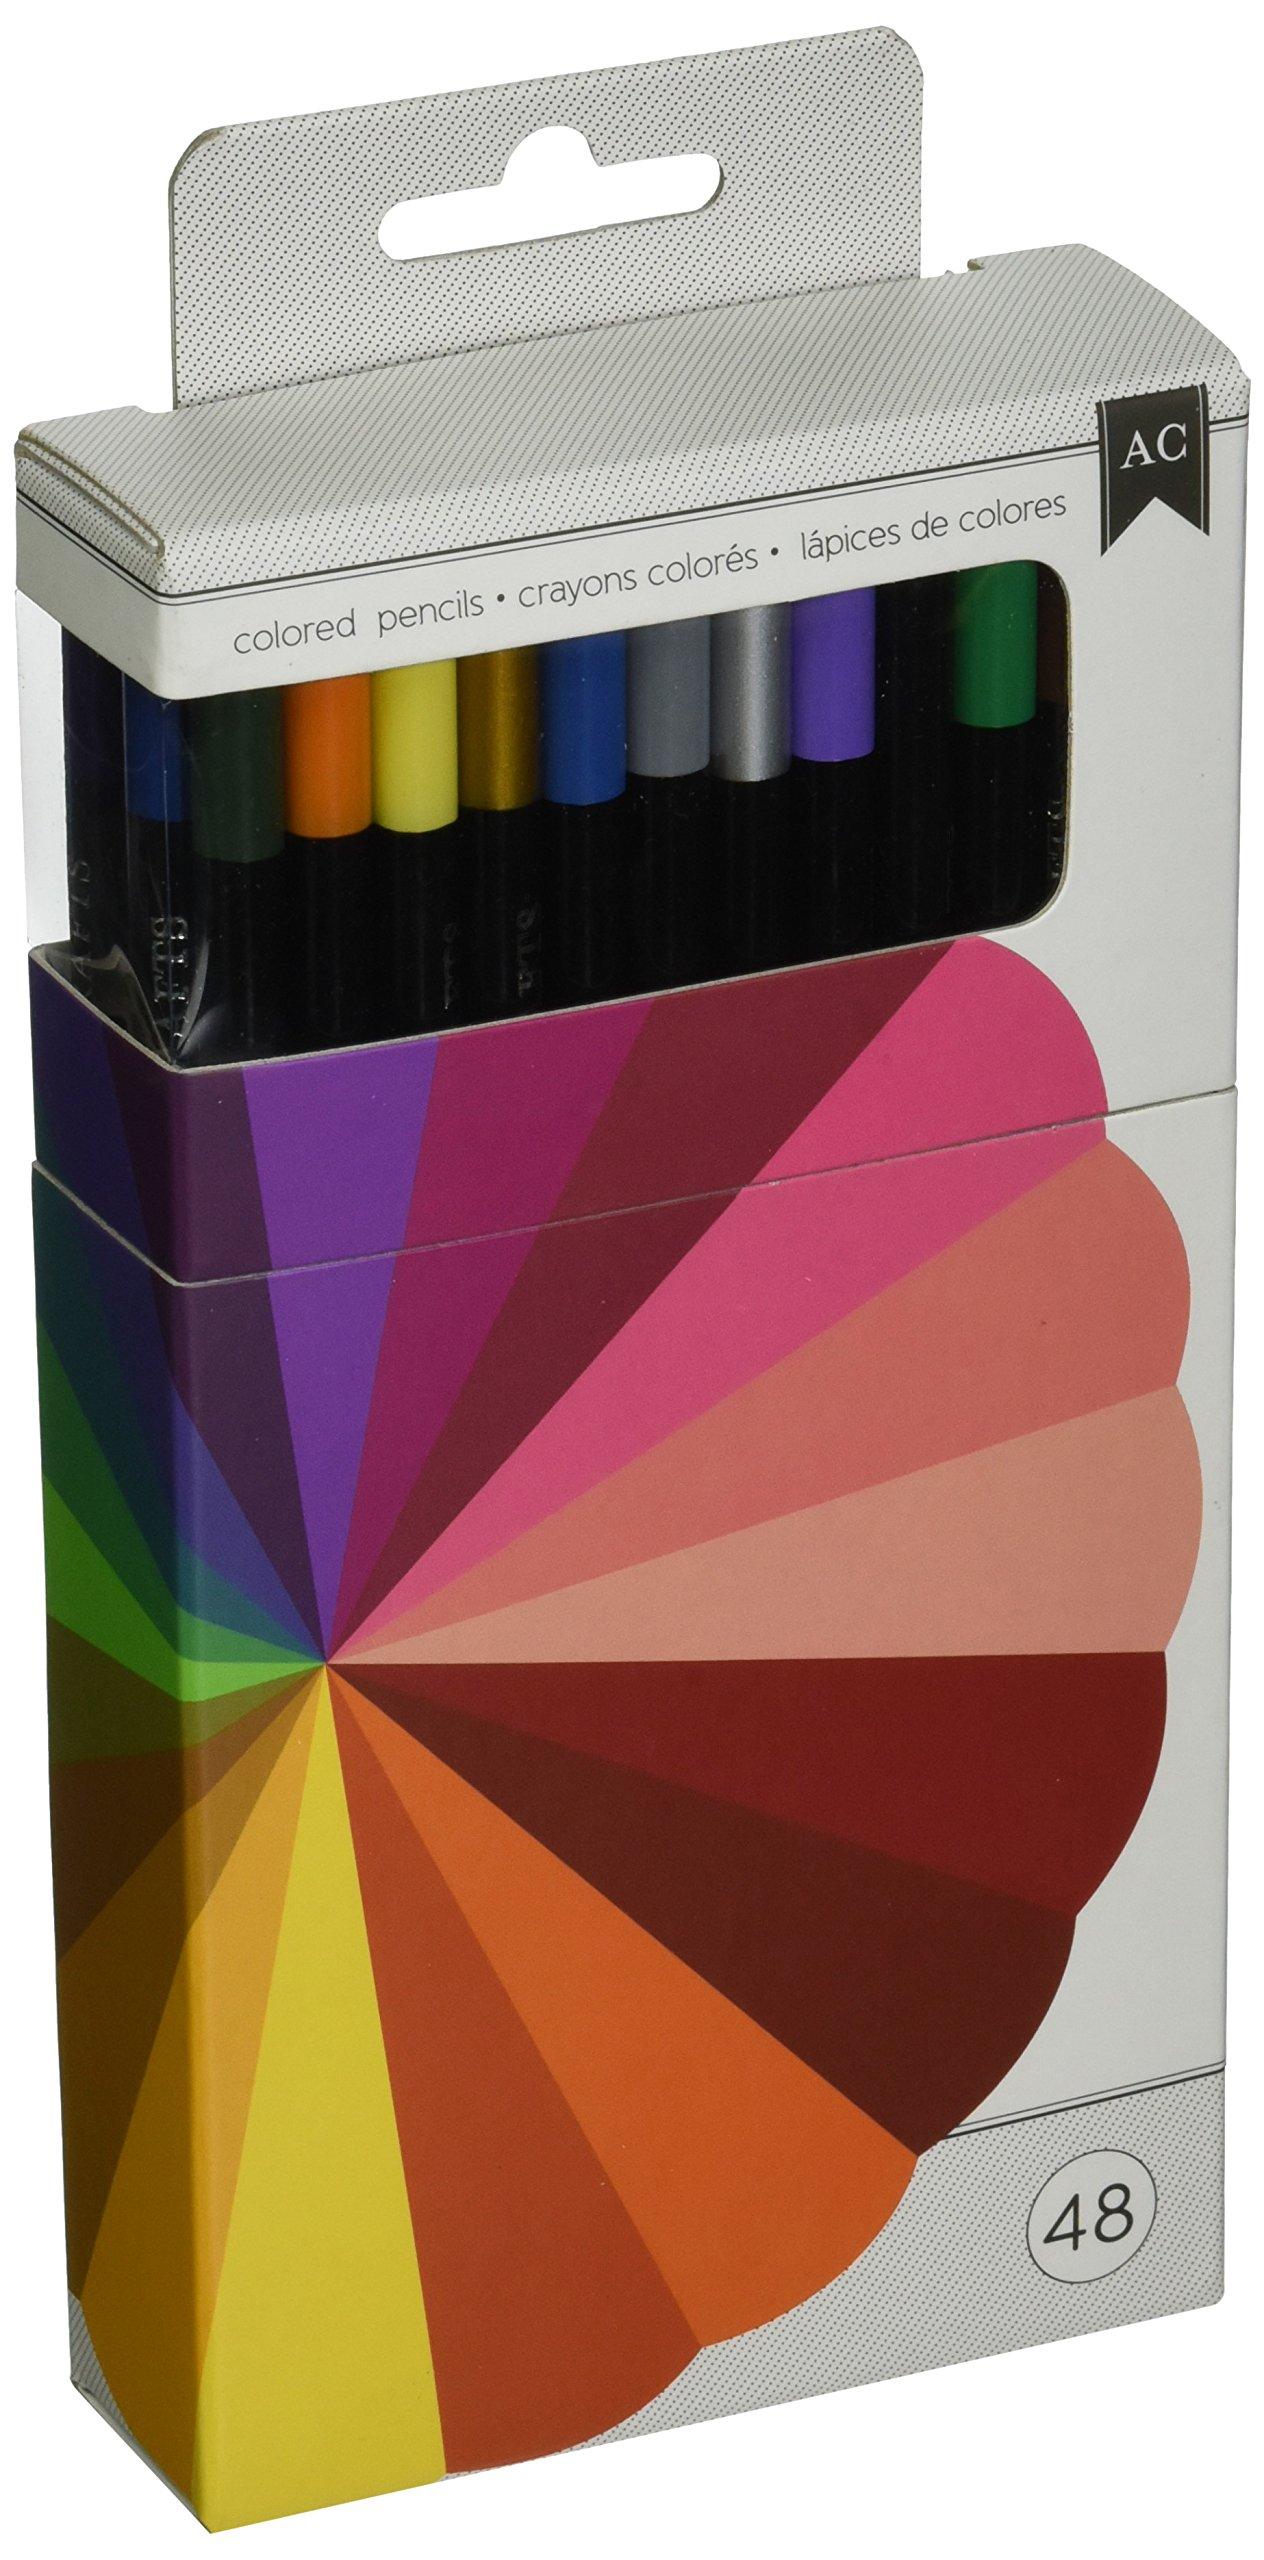 American Crafts Caja de 48 lápices de Colores: Amazon.es: Hogar